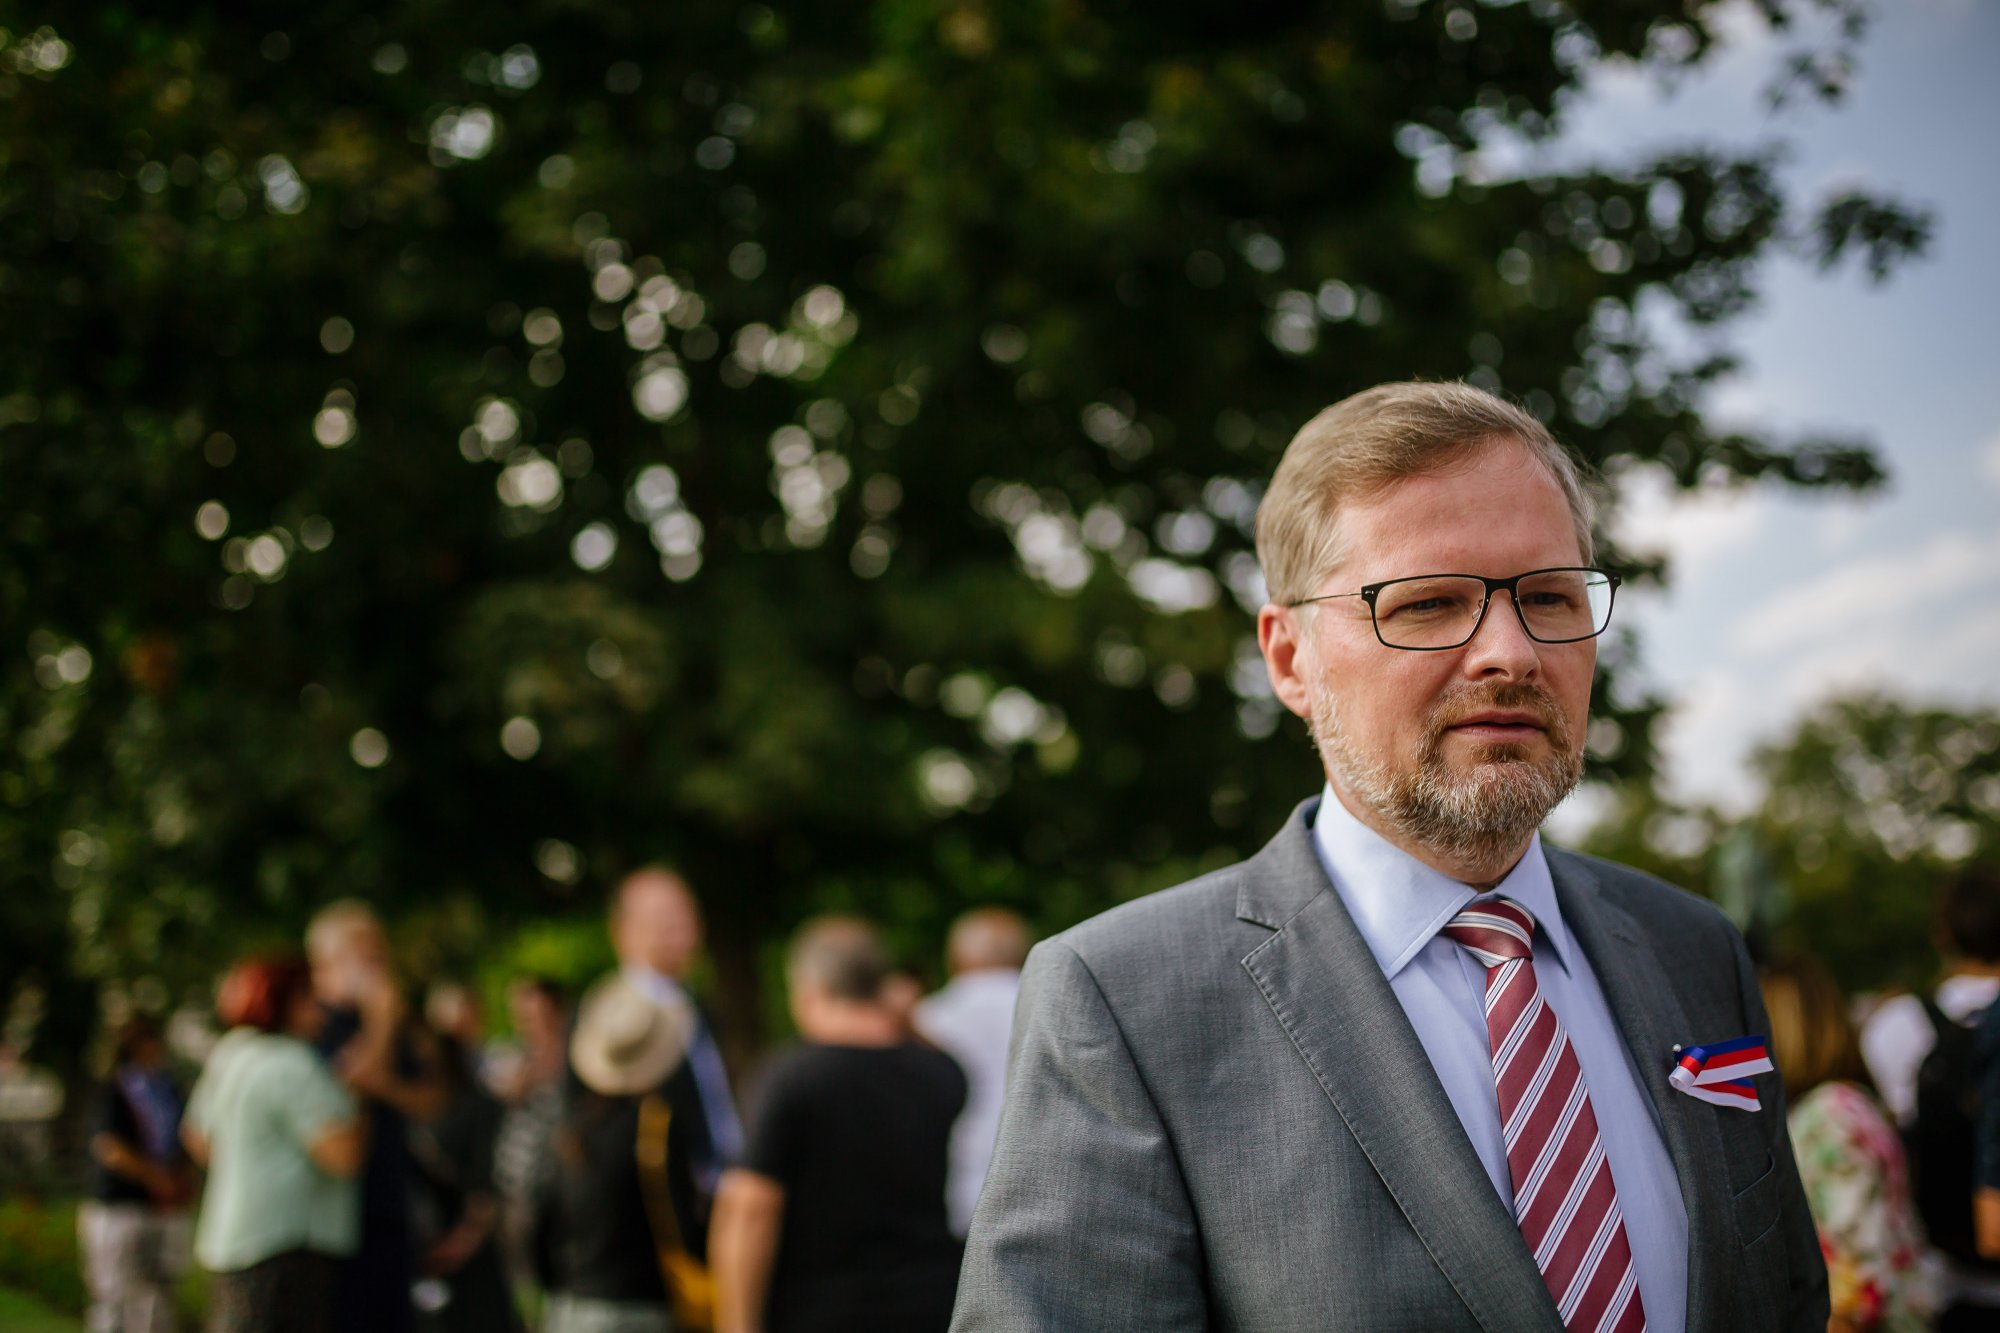 Petr Fiala: Výročí srpna 68 ukázalo, že vlastenectví si nenecháme ukrást blázny ani extremisty